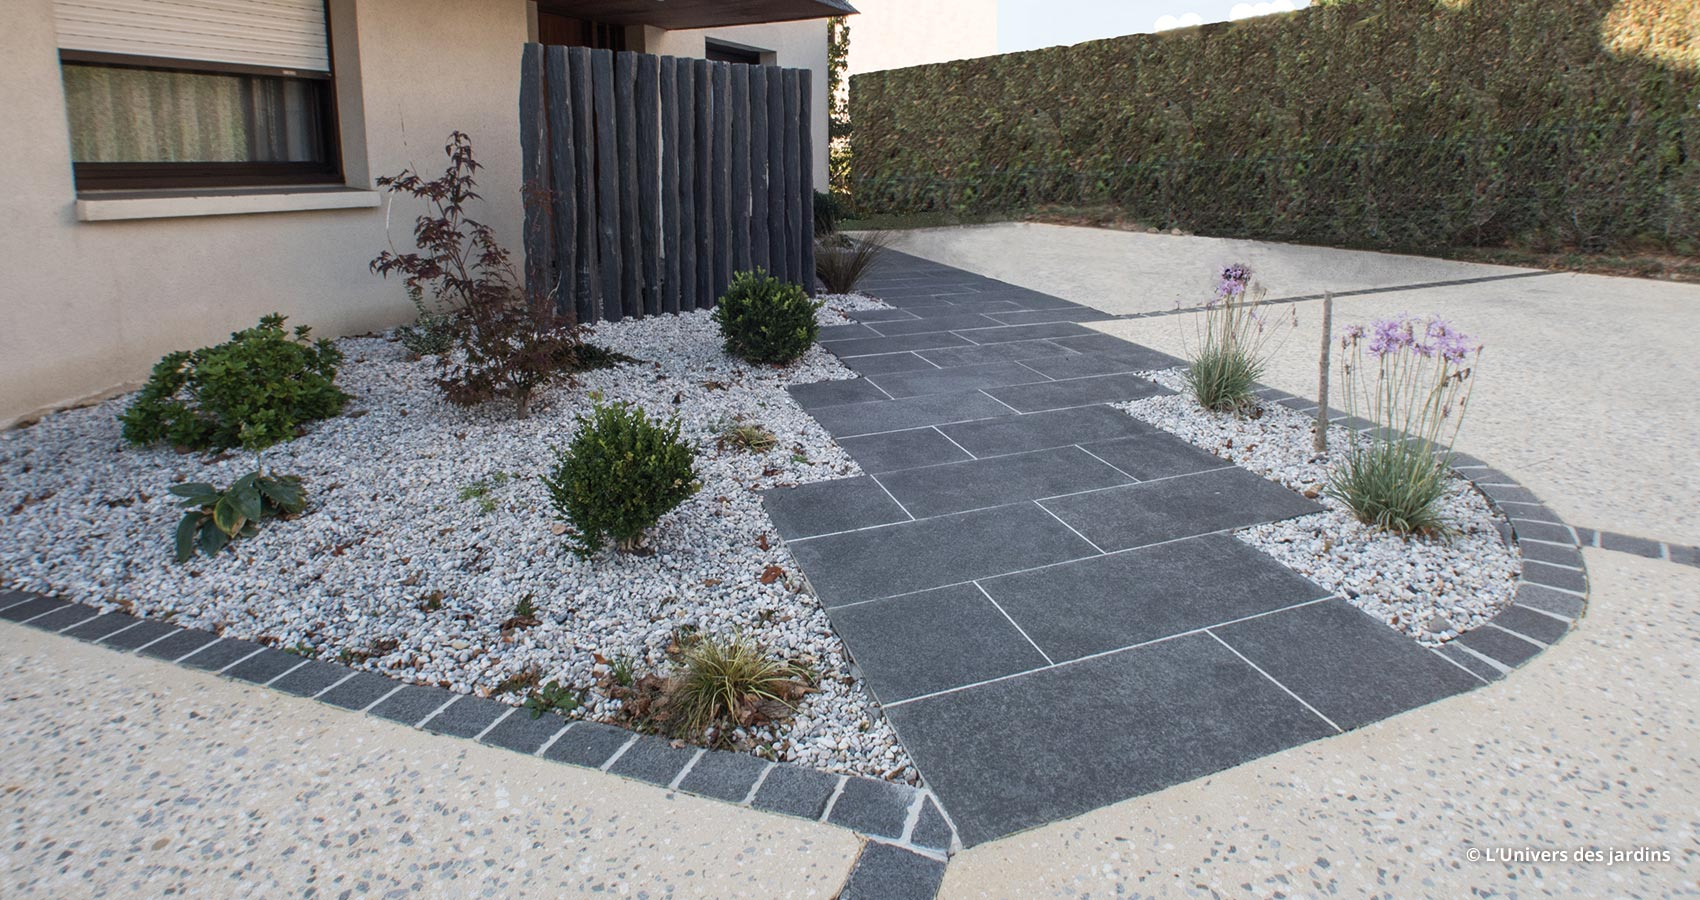 Nos Conseils Pour Embellir Vos Circulations & Allées De Jardin encequiconcerne Exemple D Aménagement De Jardin